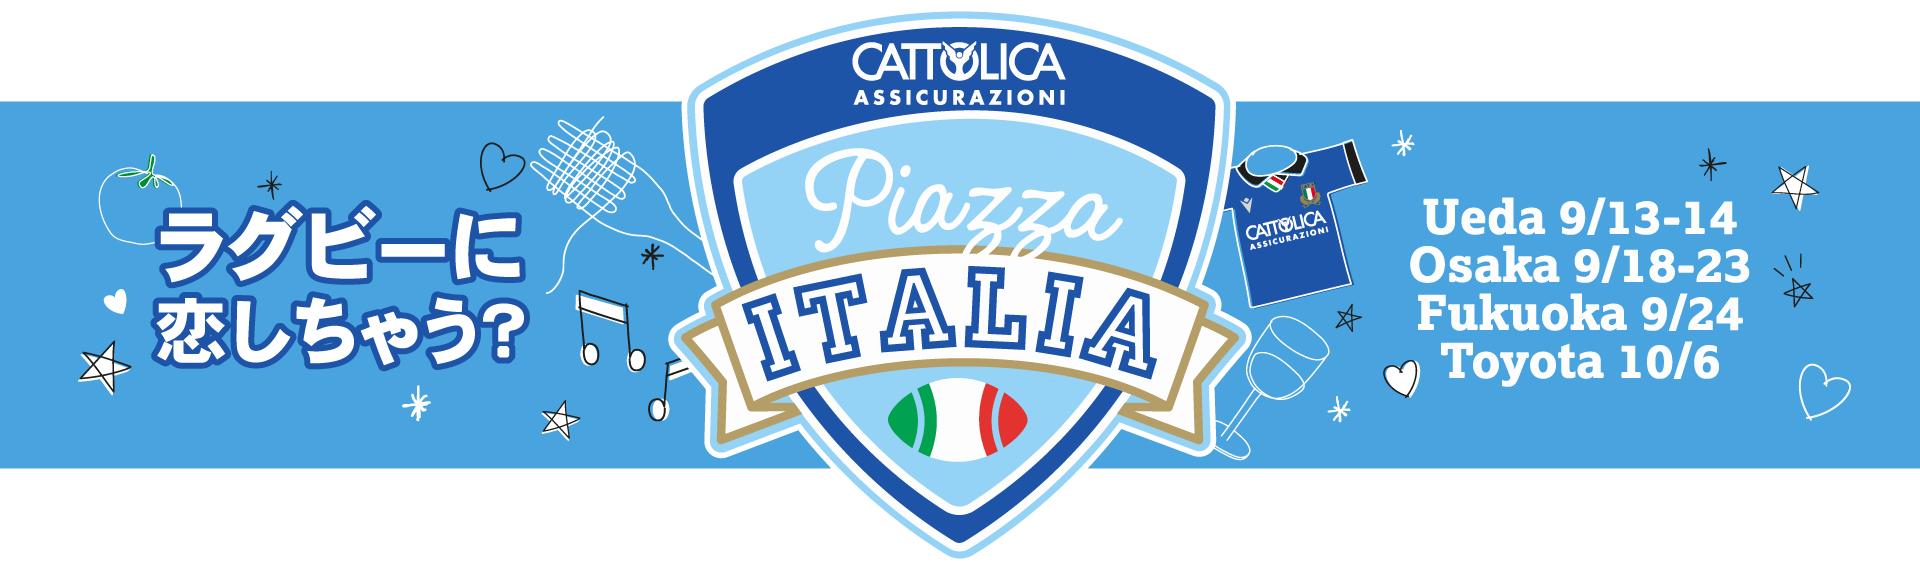 Italia, amore mio! | The Biggest Italian Festival in Tokyo